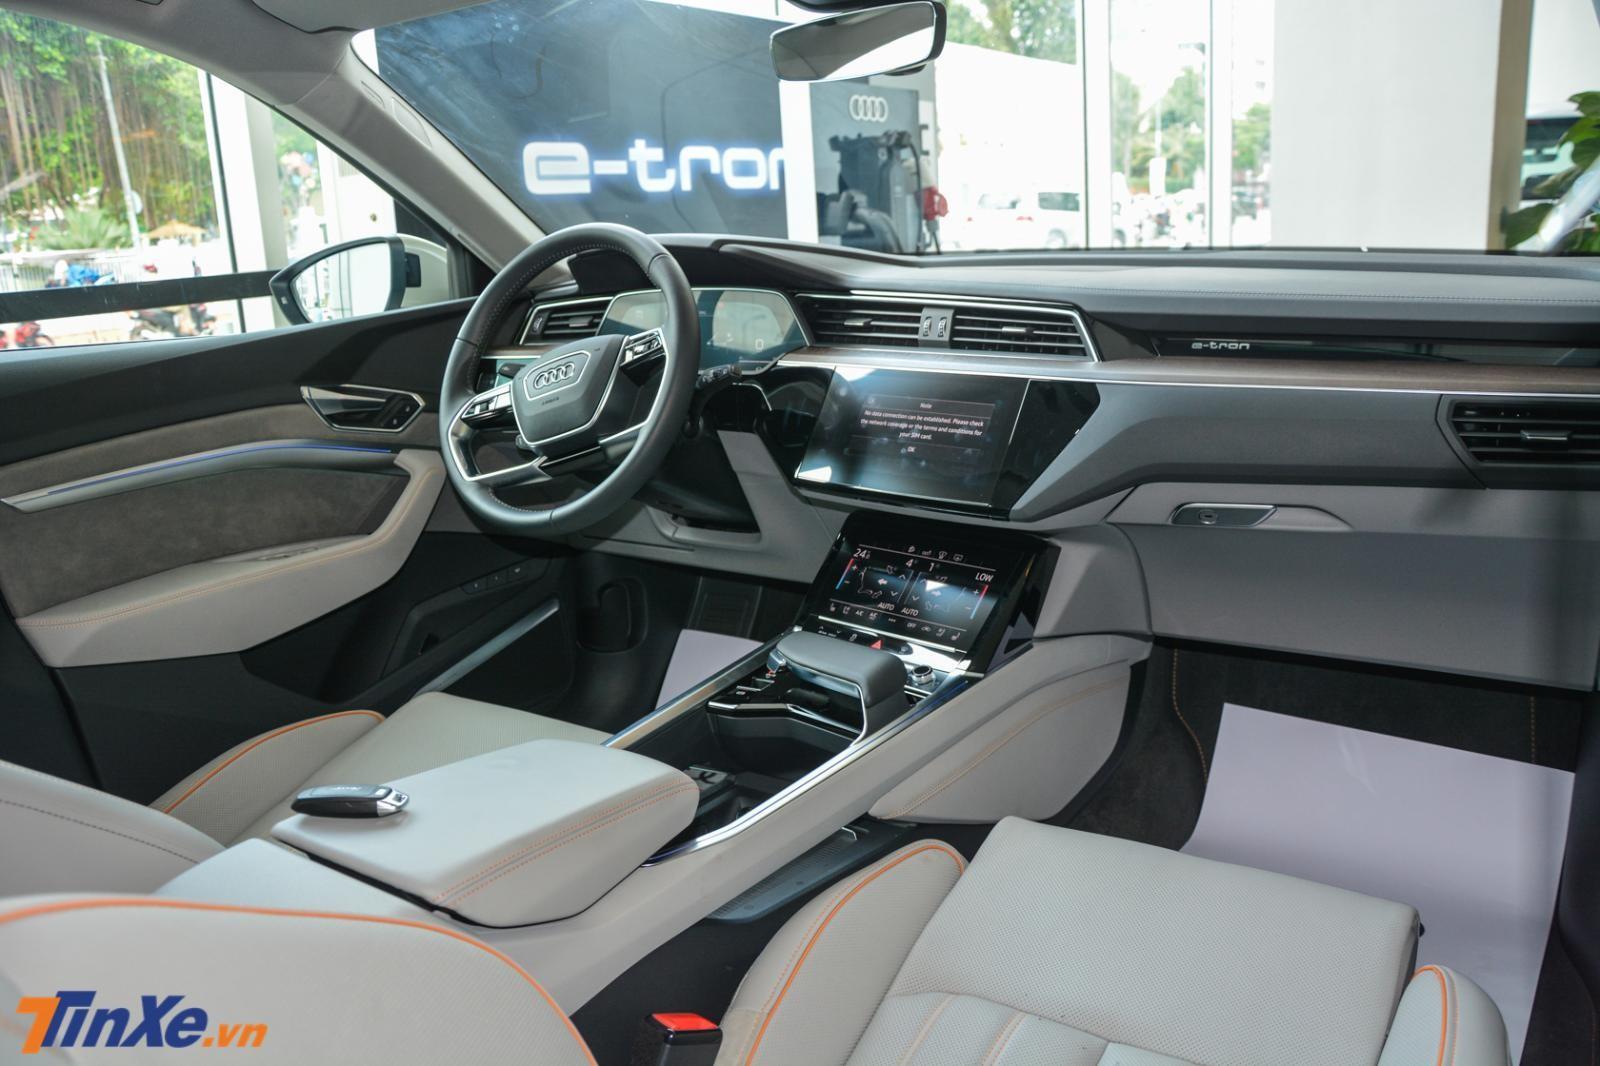 Cận cảnh khoang lái của Audi e-tron